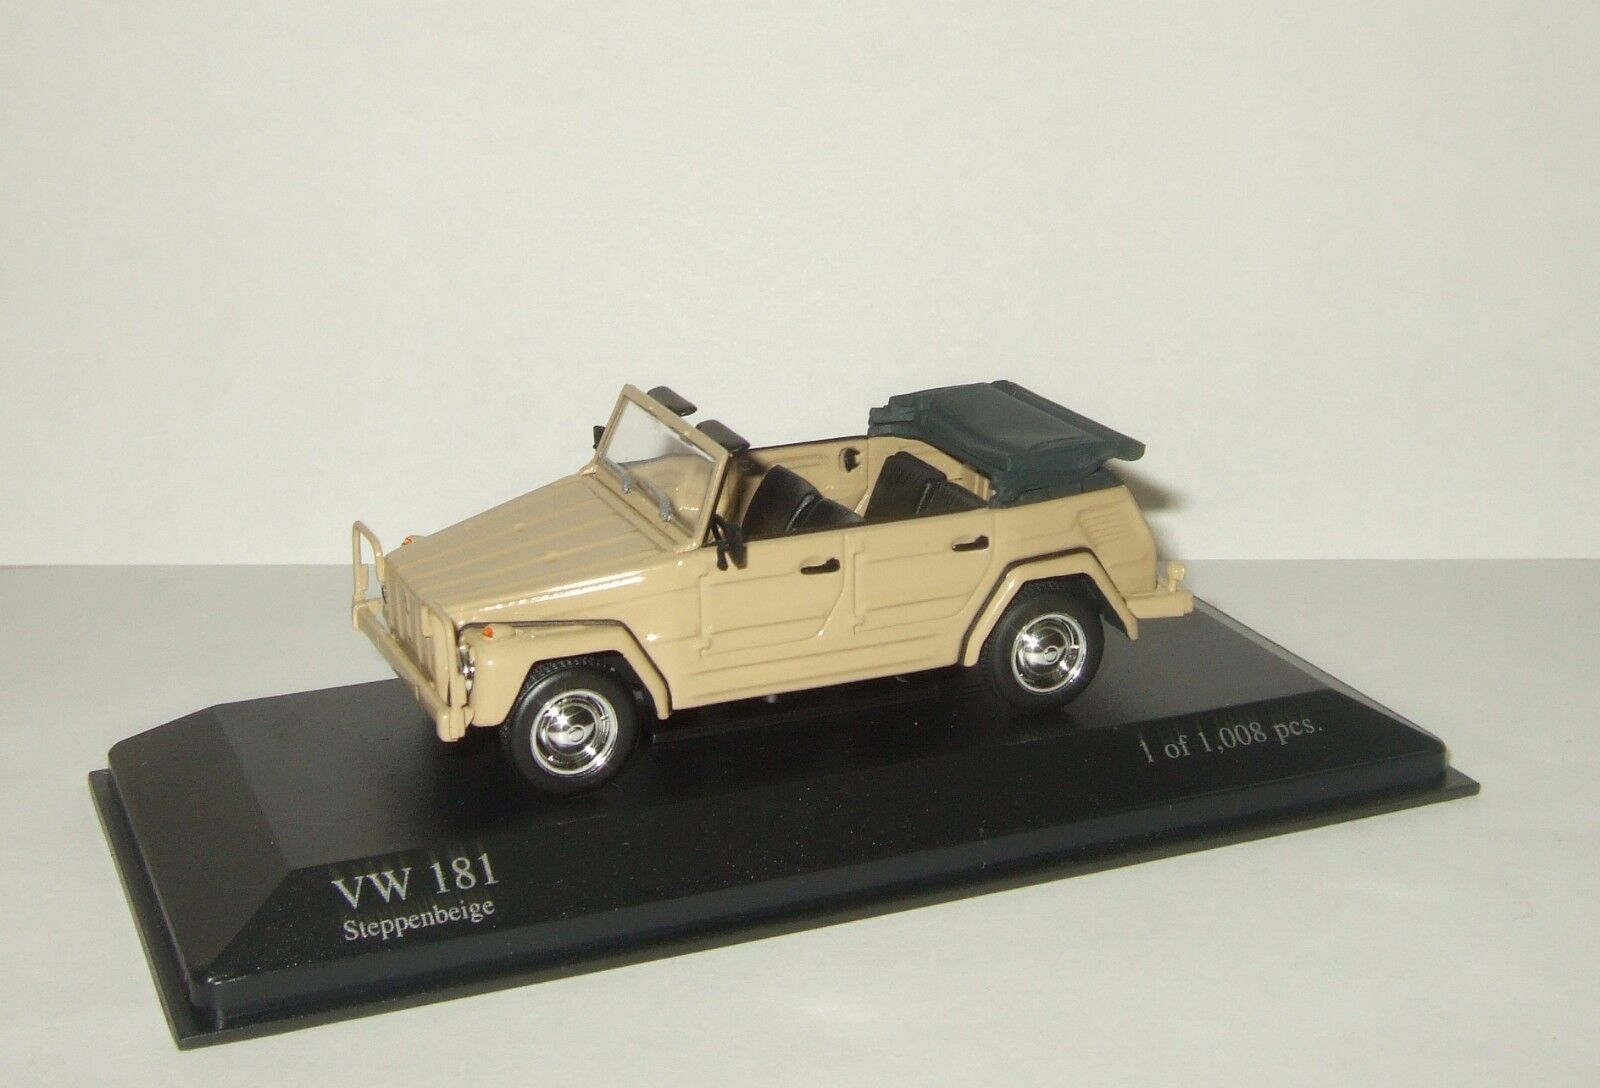 Vw volkswagen 181 kubelwagen 4x4 1969 minichamps 1 43 430050035 ebay resntentobalflowflowcomponenttechnicalissues altavistaventures Gallery